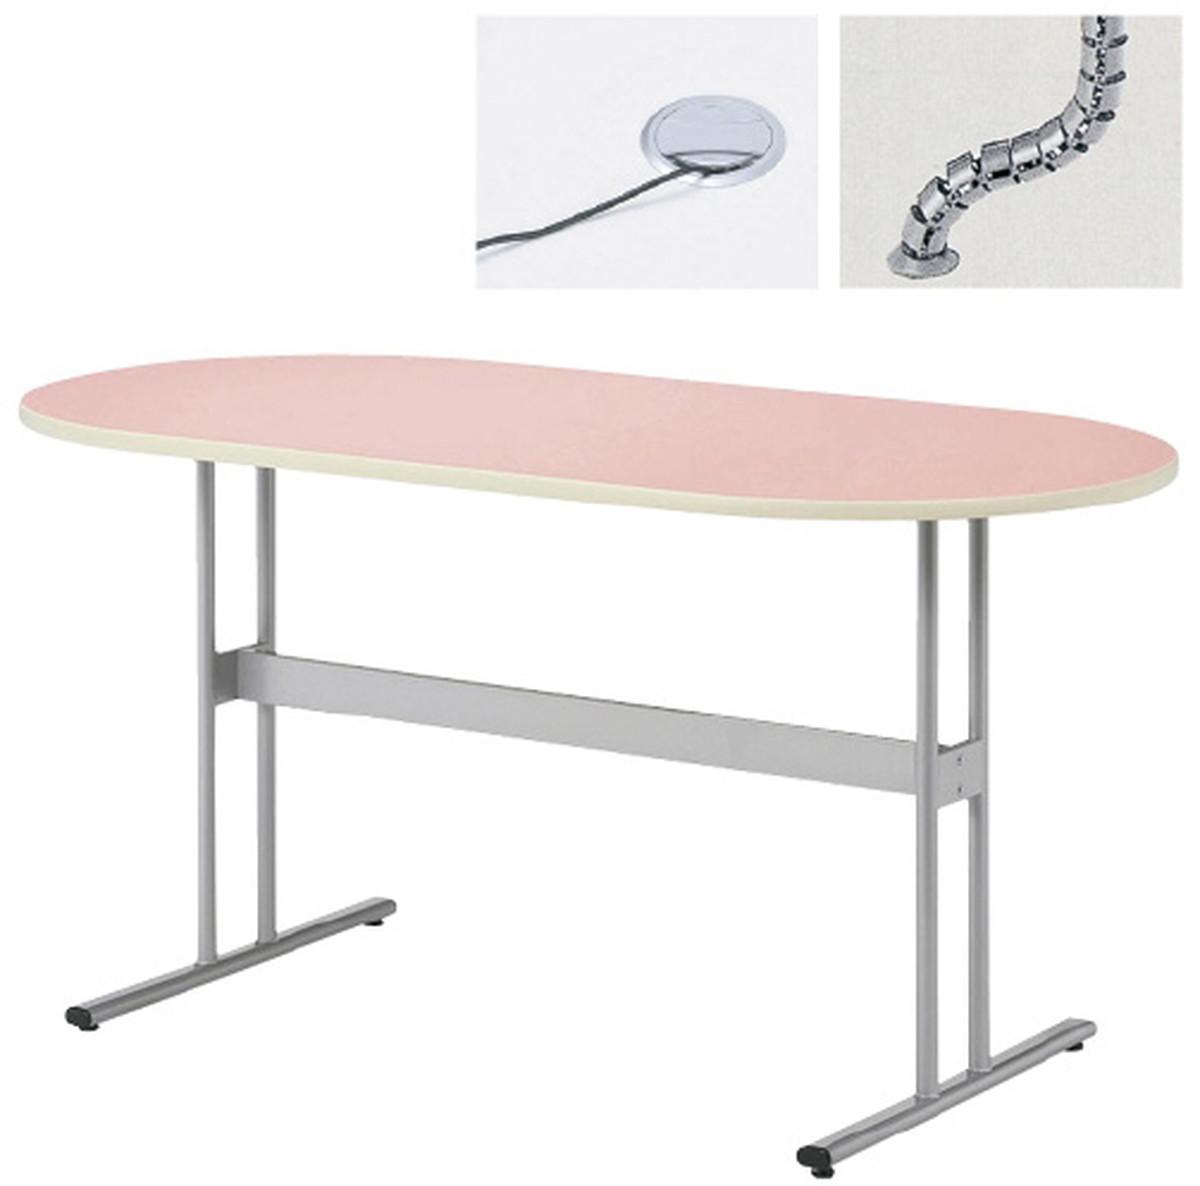 【送料無料】-ナーステーブル(楕円型) NAT-1590R(150X90X90) 品番 my23-6202-0002 1入り-【MY医科器機】